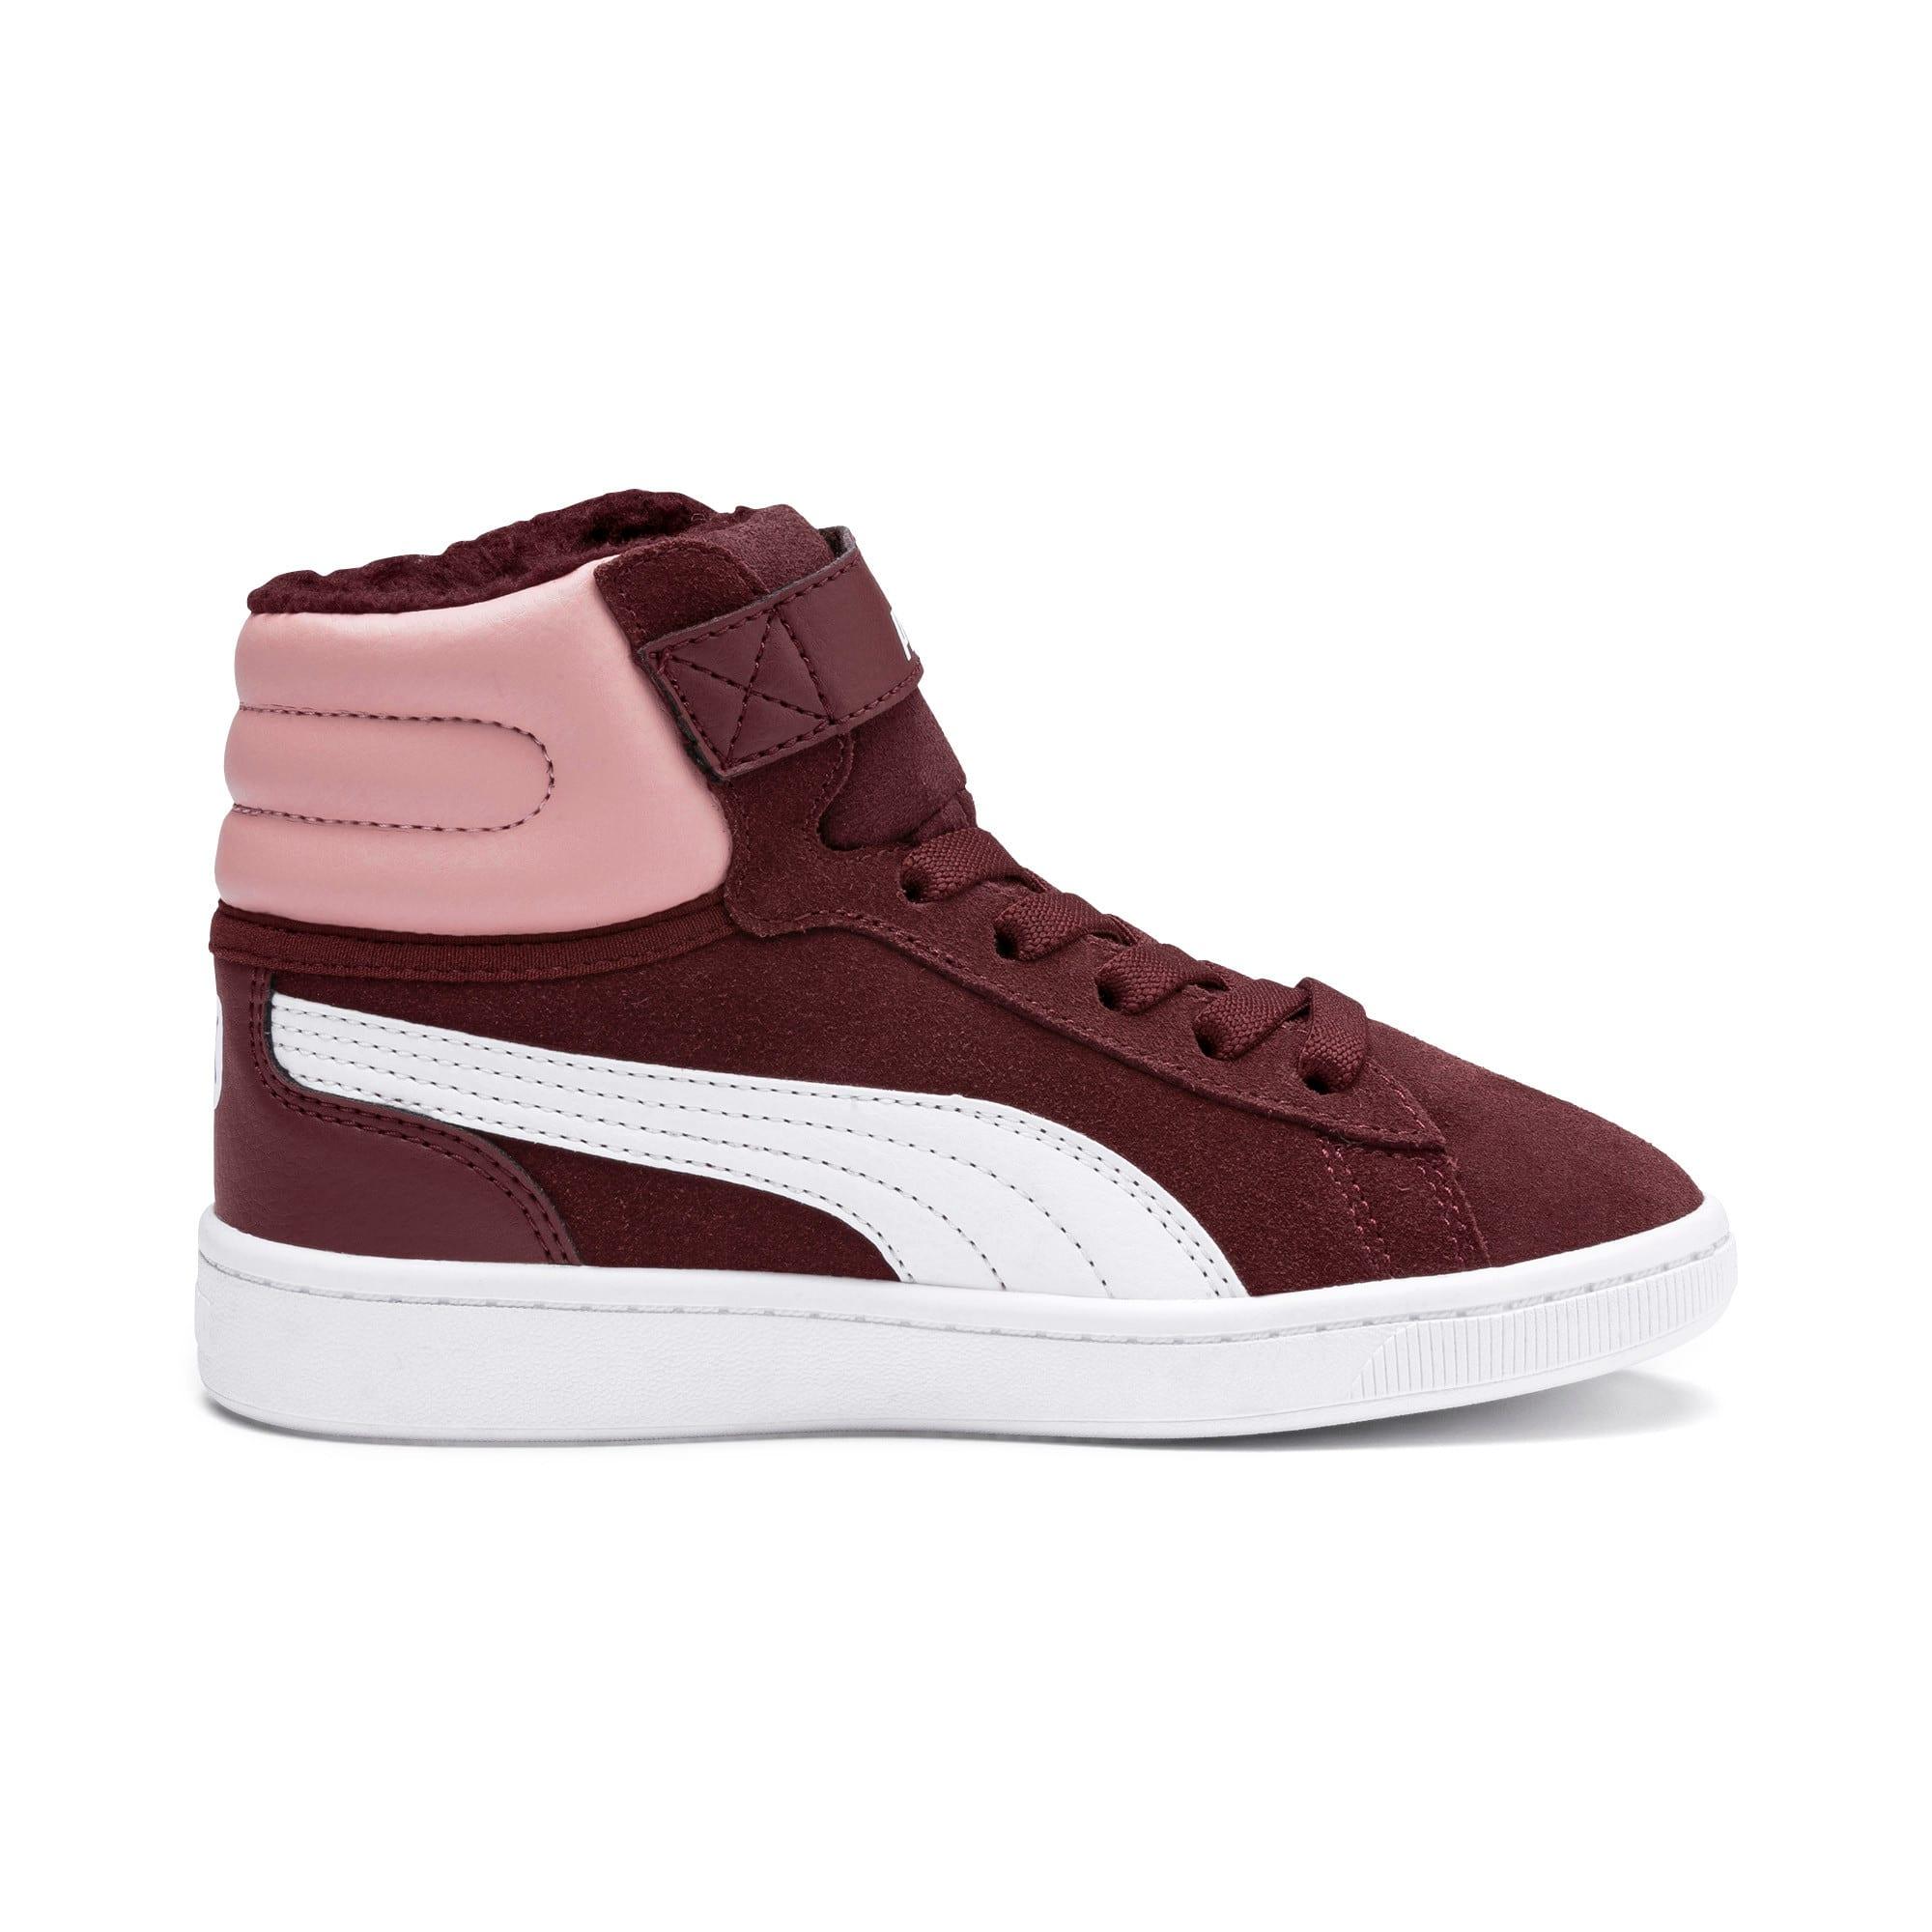 Thumbnail 5 of Vikky v2 Mid Fur V Kids Sneaker, Vineyard Wine-B Rose-White, medium